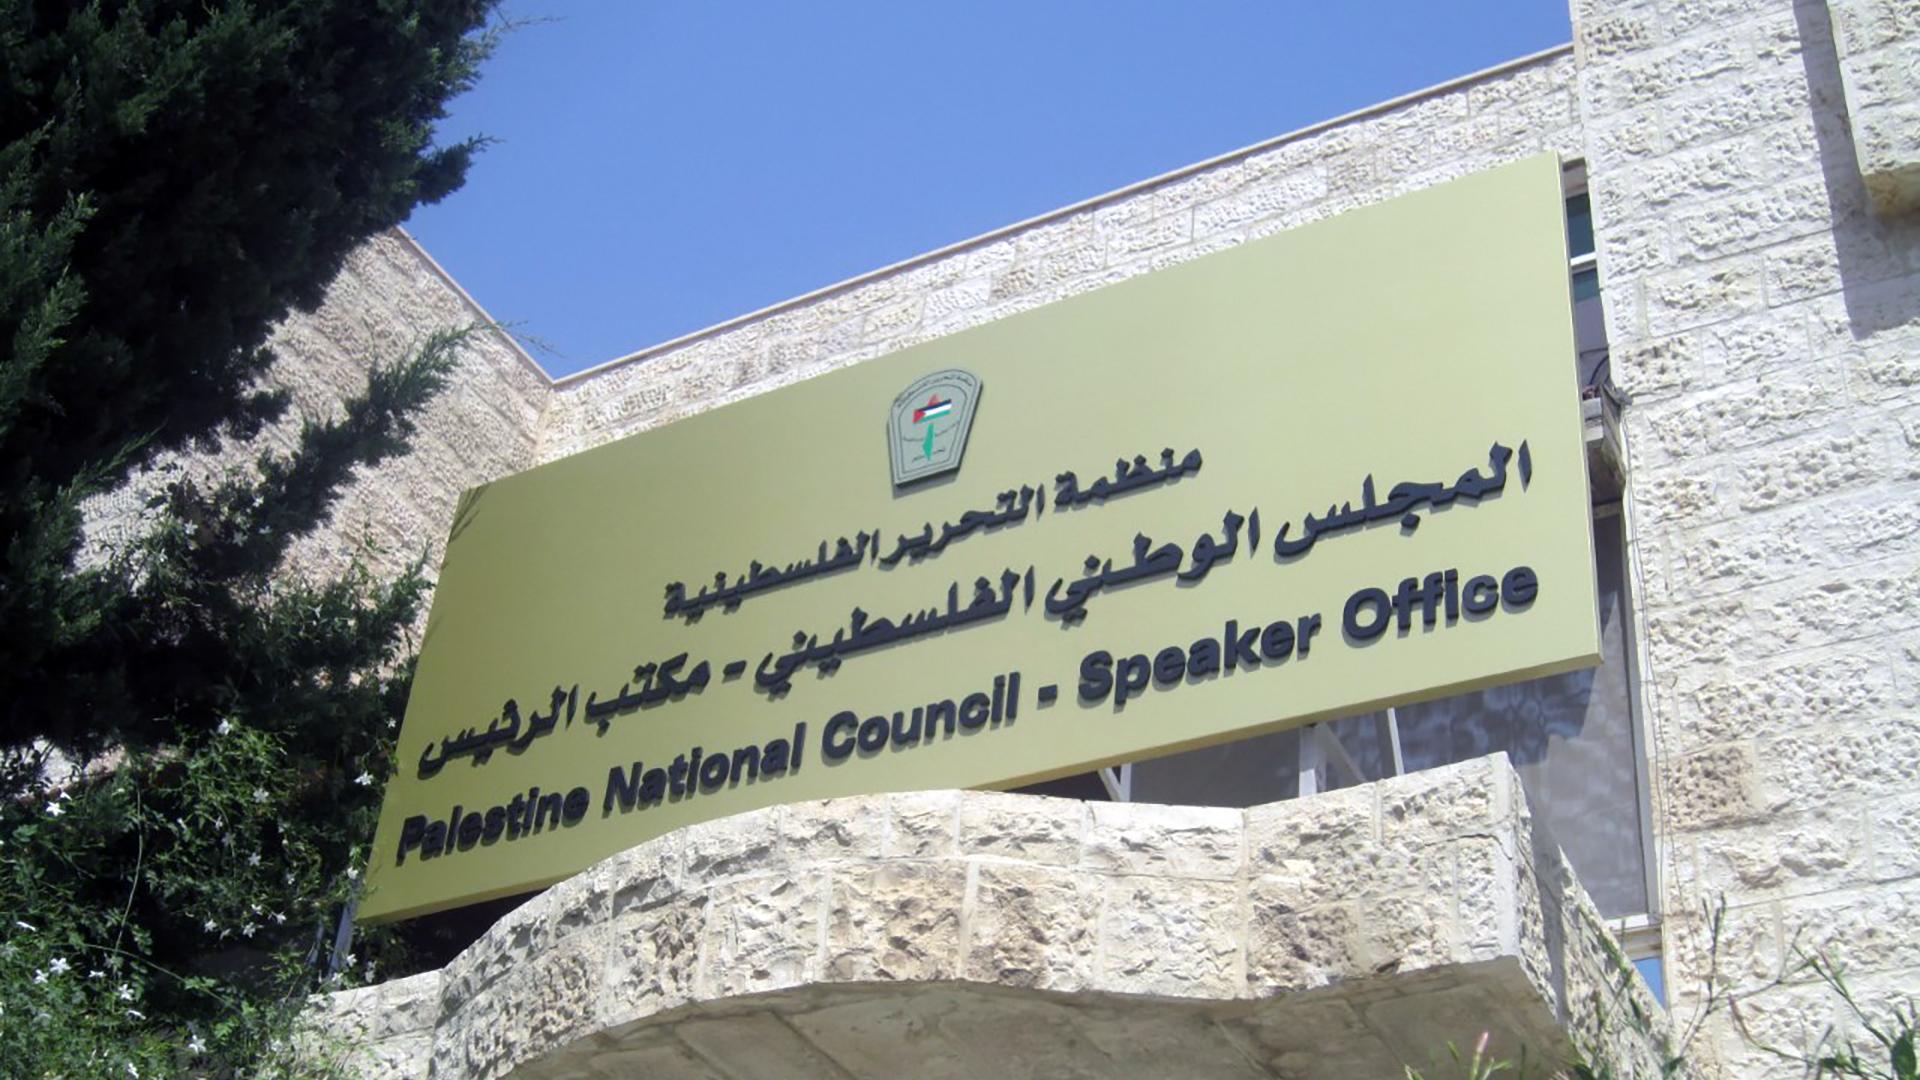 المجلس الوطني الفلسطيني: زيارة بومبيو لن تضفي أية شرعية على الاستيطان والاحتلال